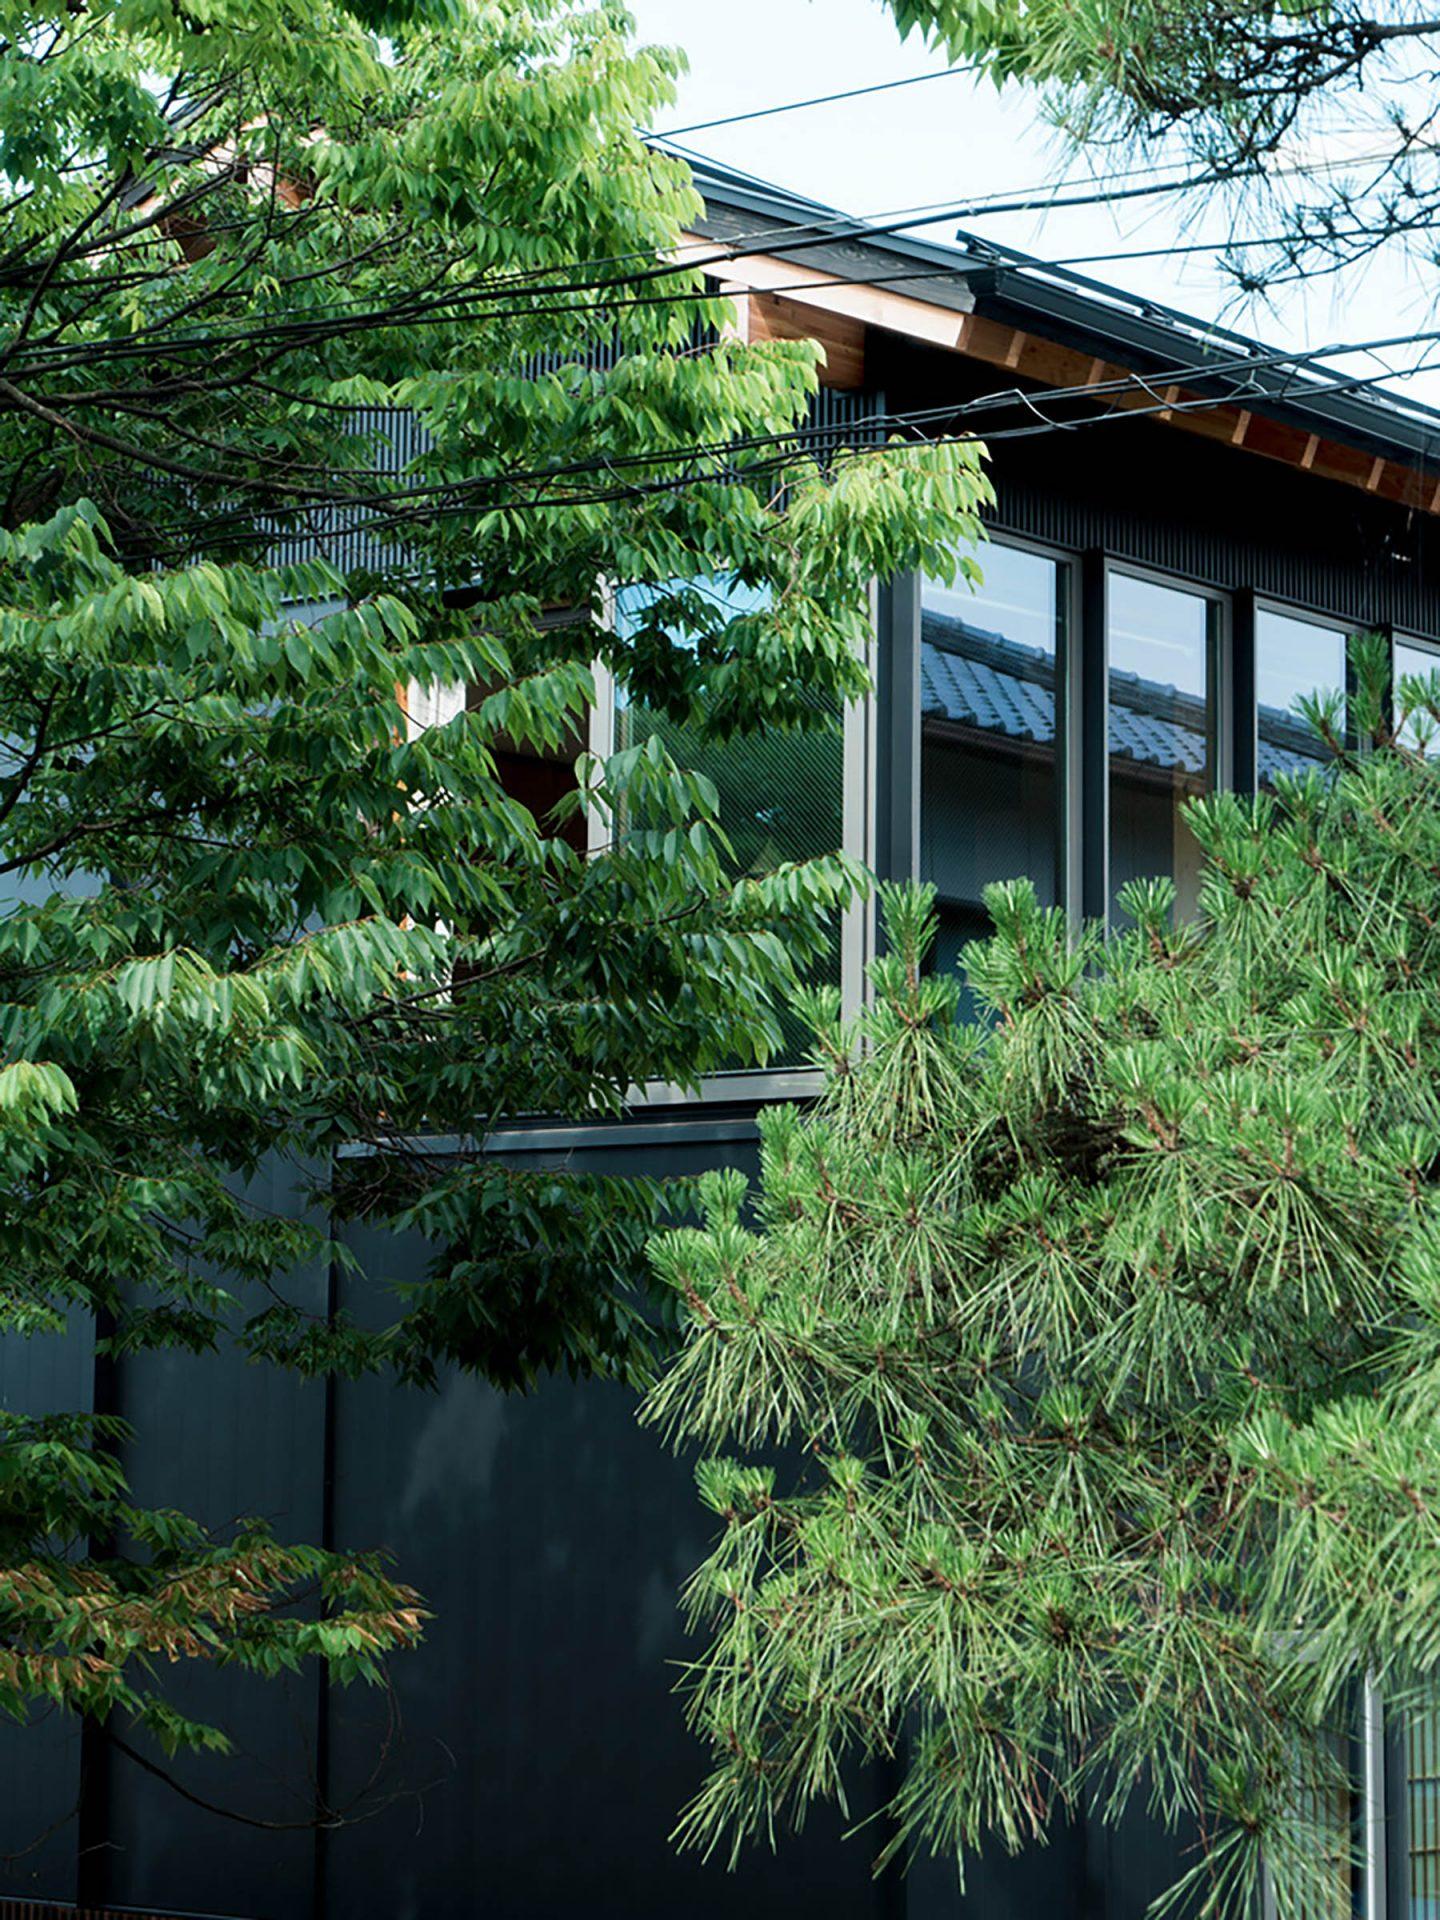 iGNANT-Architecture-Schenk-Hattori-Housing-Complex-008